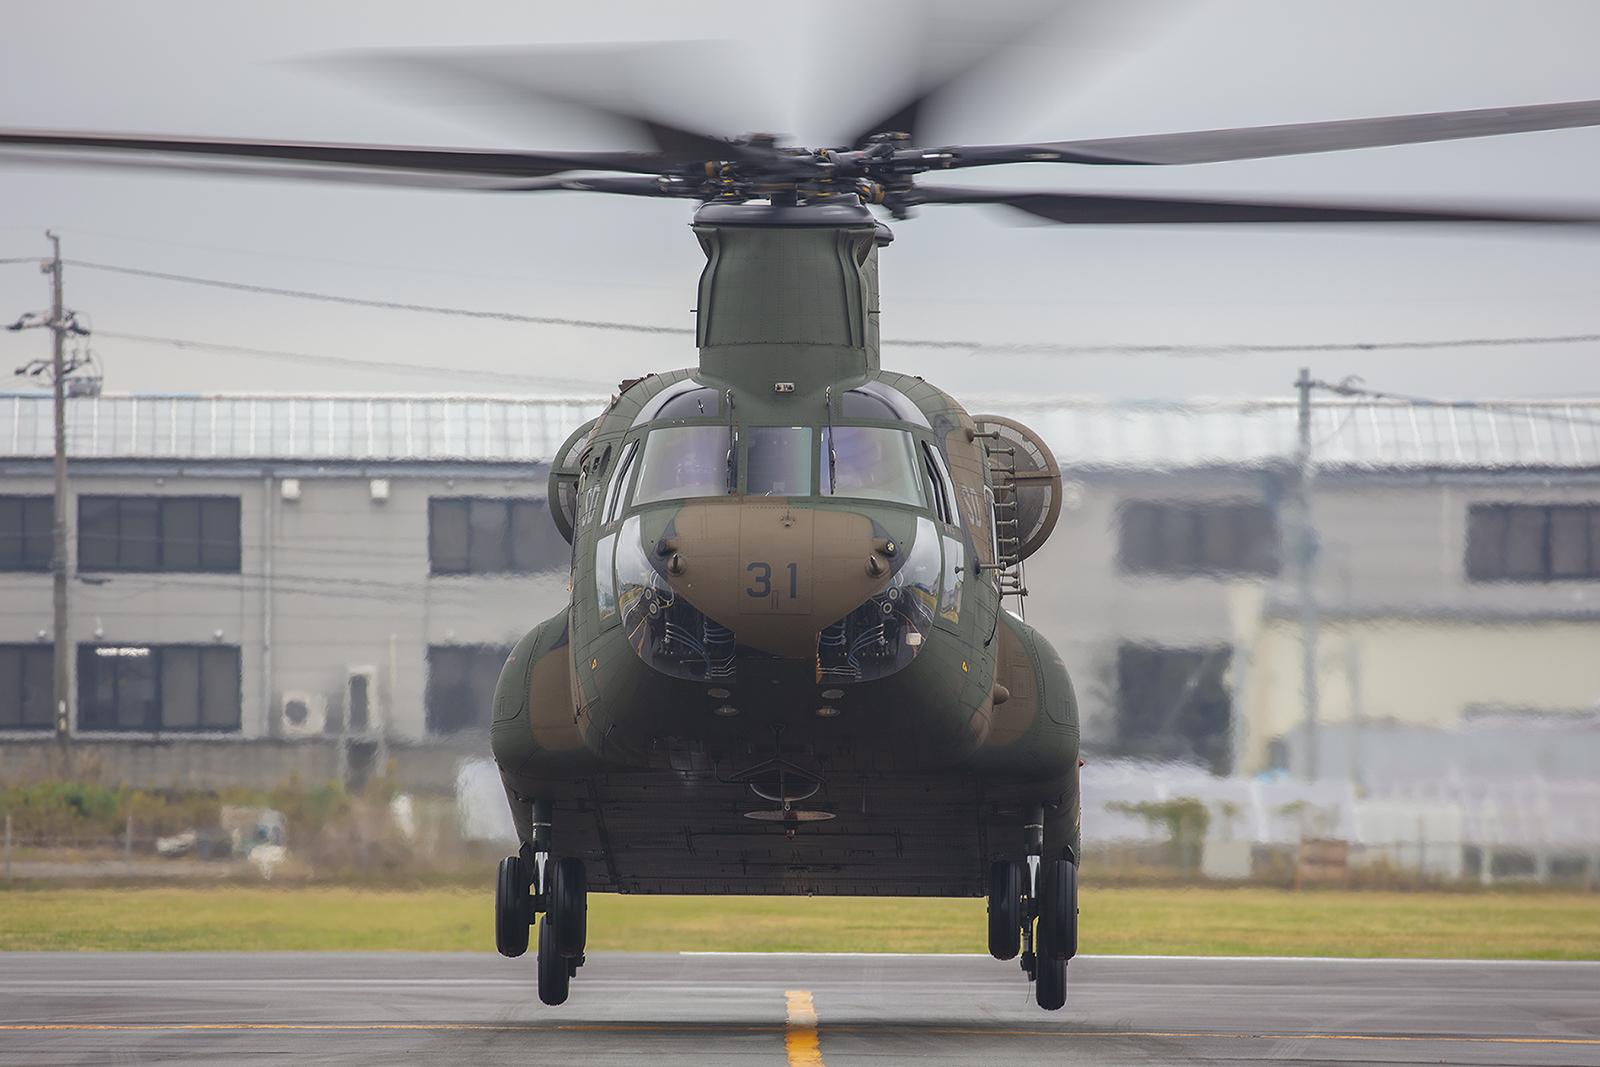 Die CH-47 ist ein beeindruckendes Luftfahrzeug.